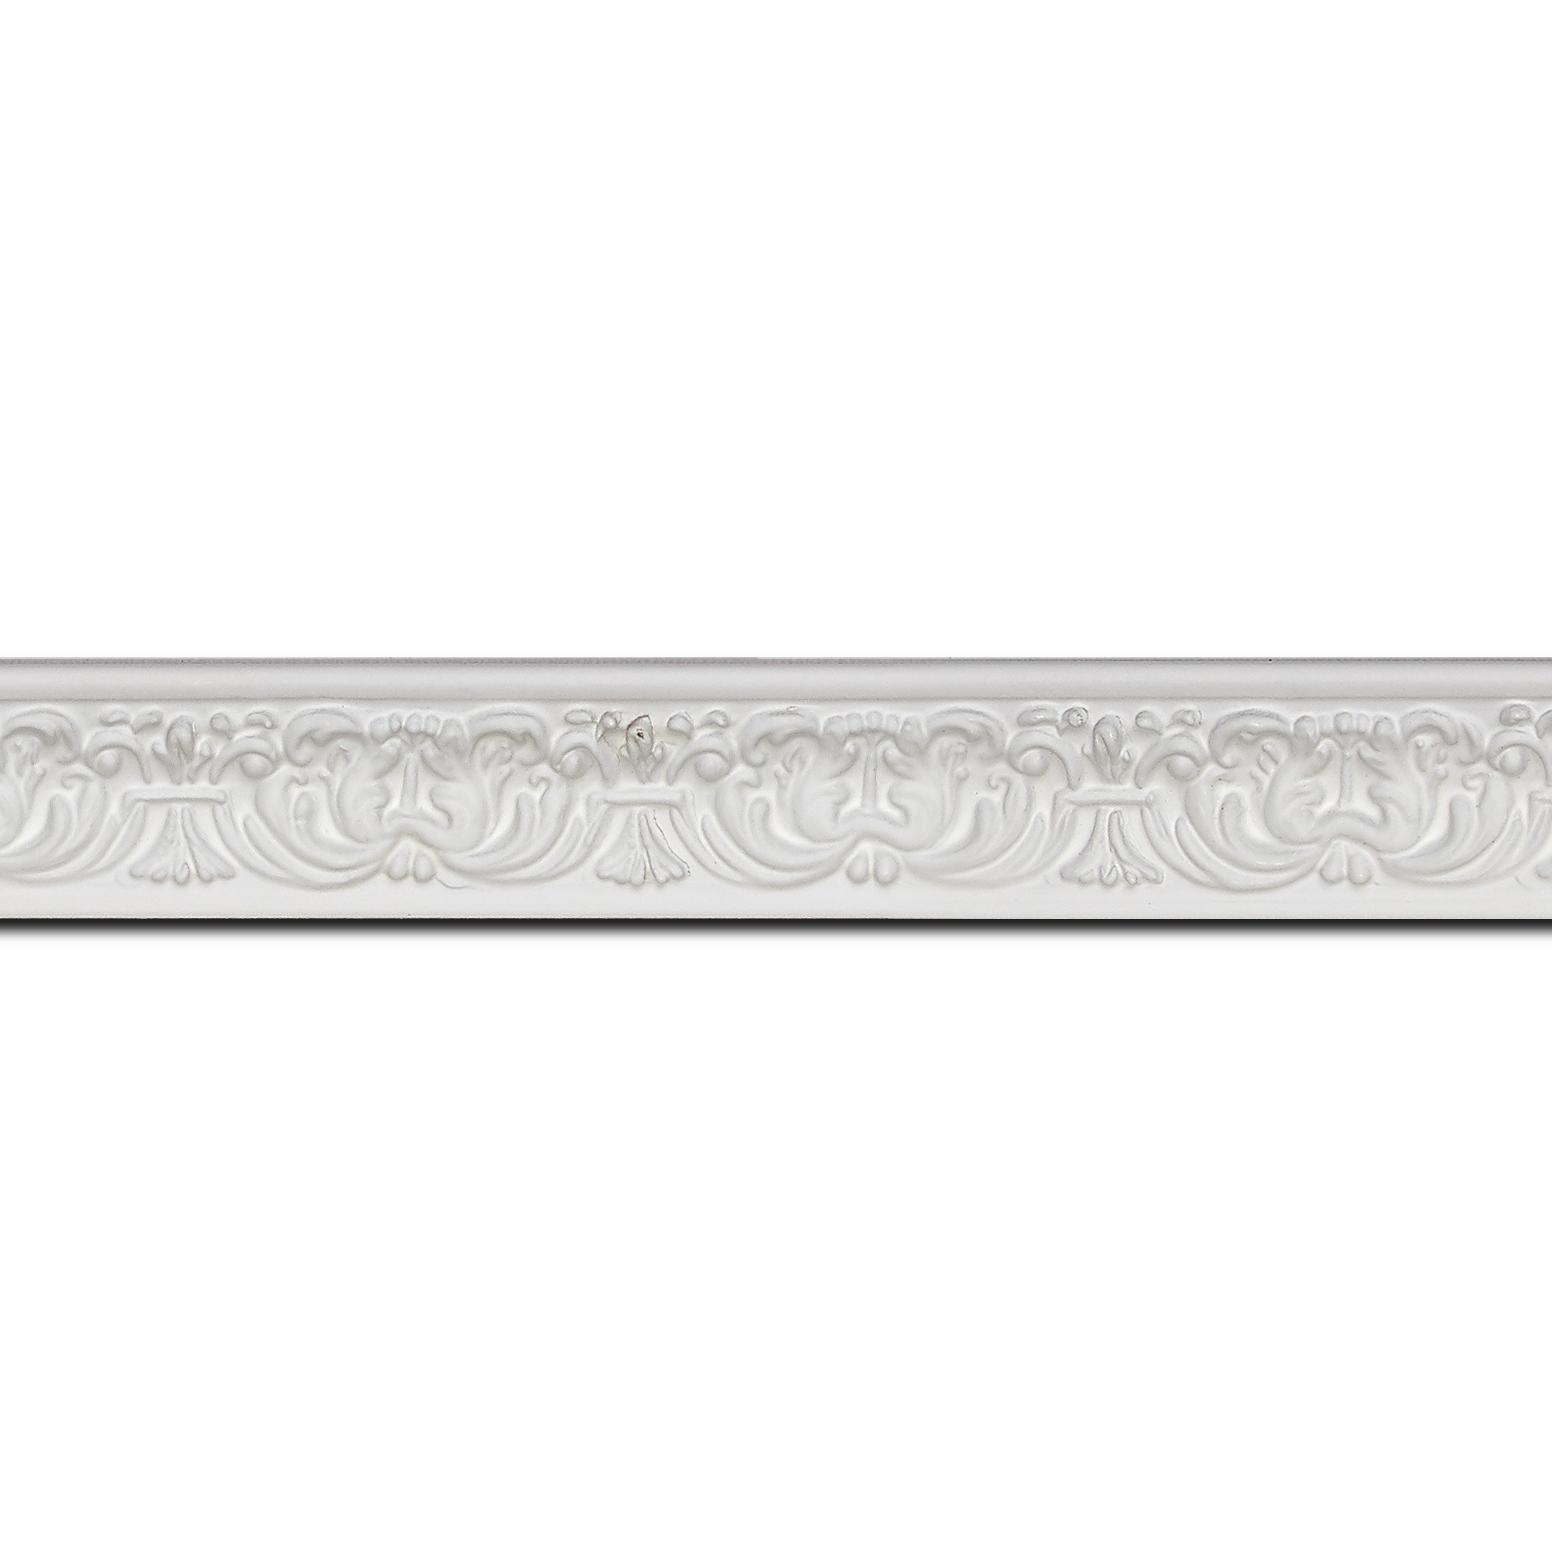 Baguette longueur 1.40m bois profil incurvé largeur 2.6cm couleur blanc en relief sur fond blanc